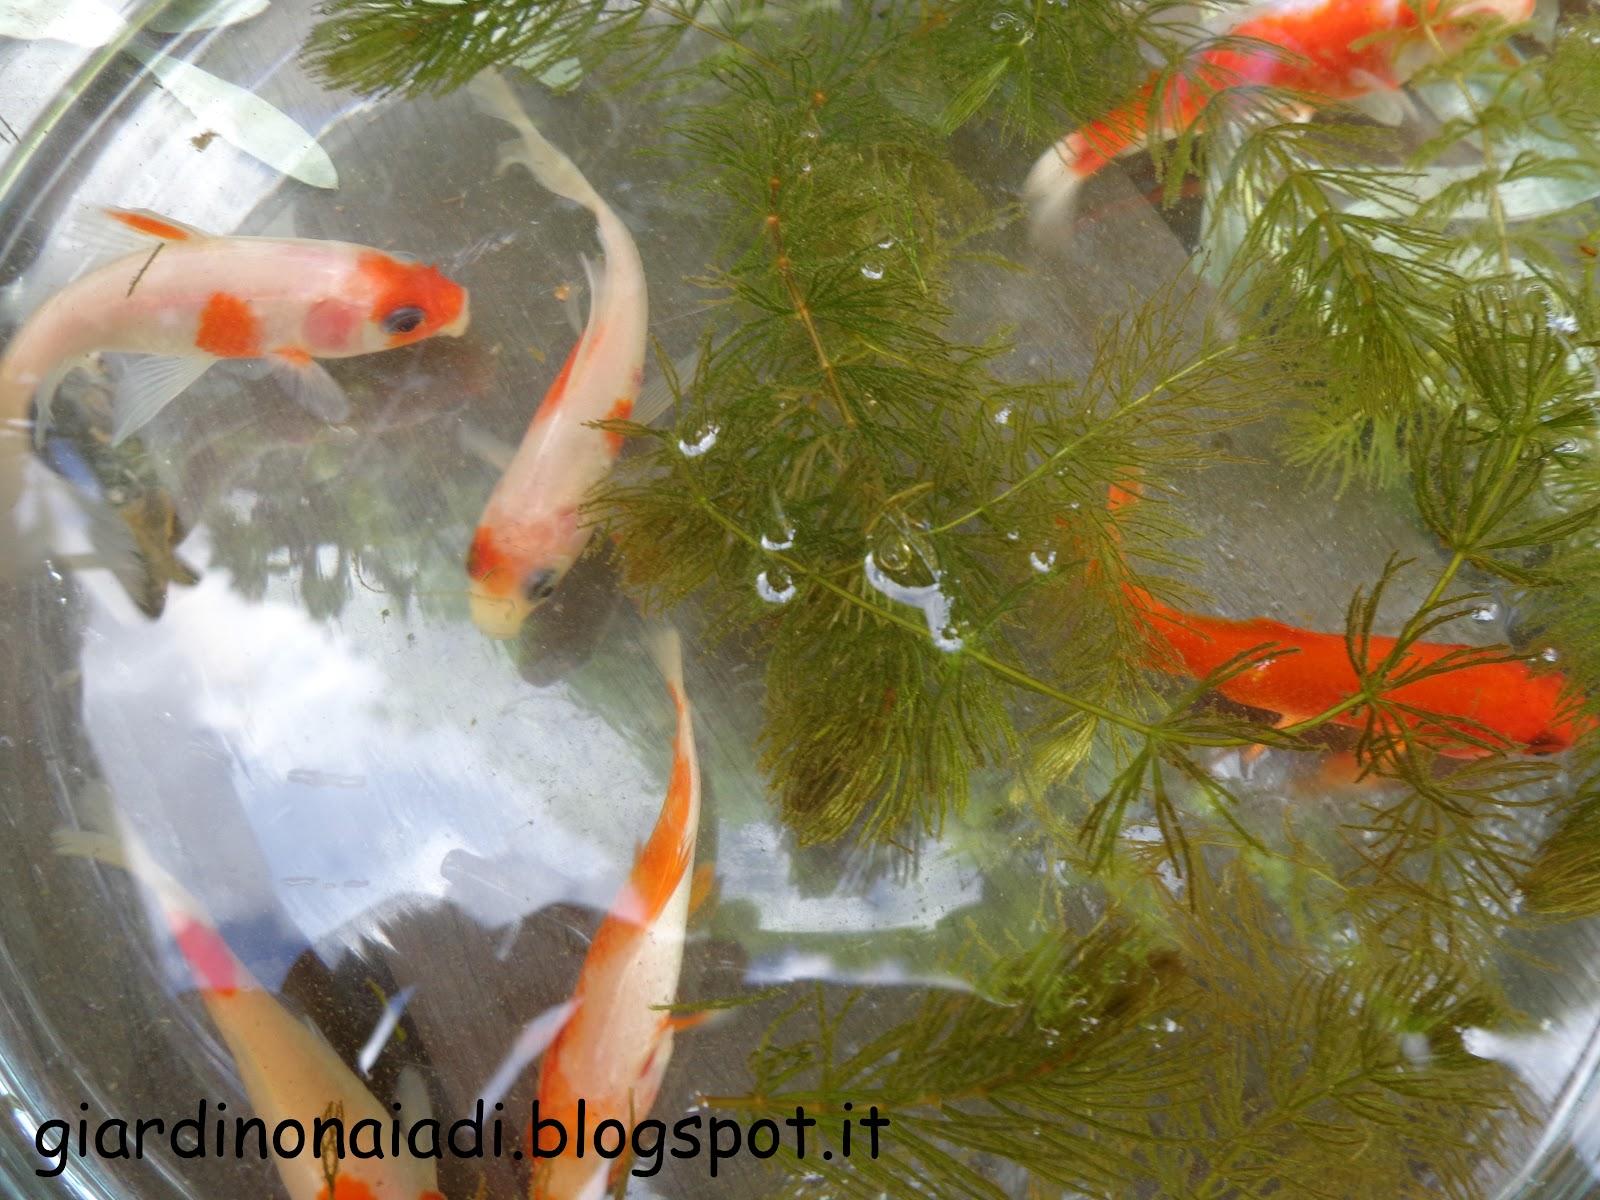 Il giardino delle naiadi carassius auratus pesce rosso for Razze di pesci rossi